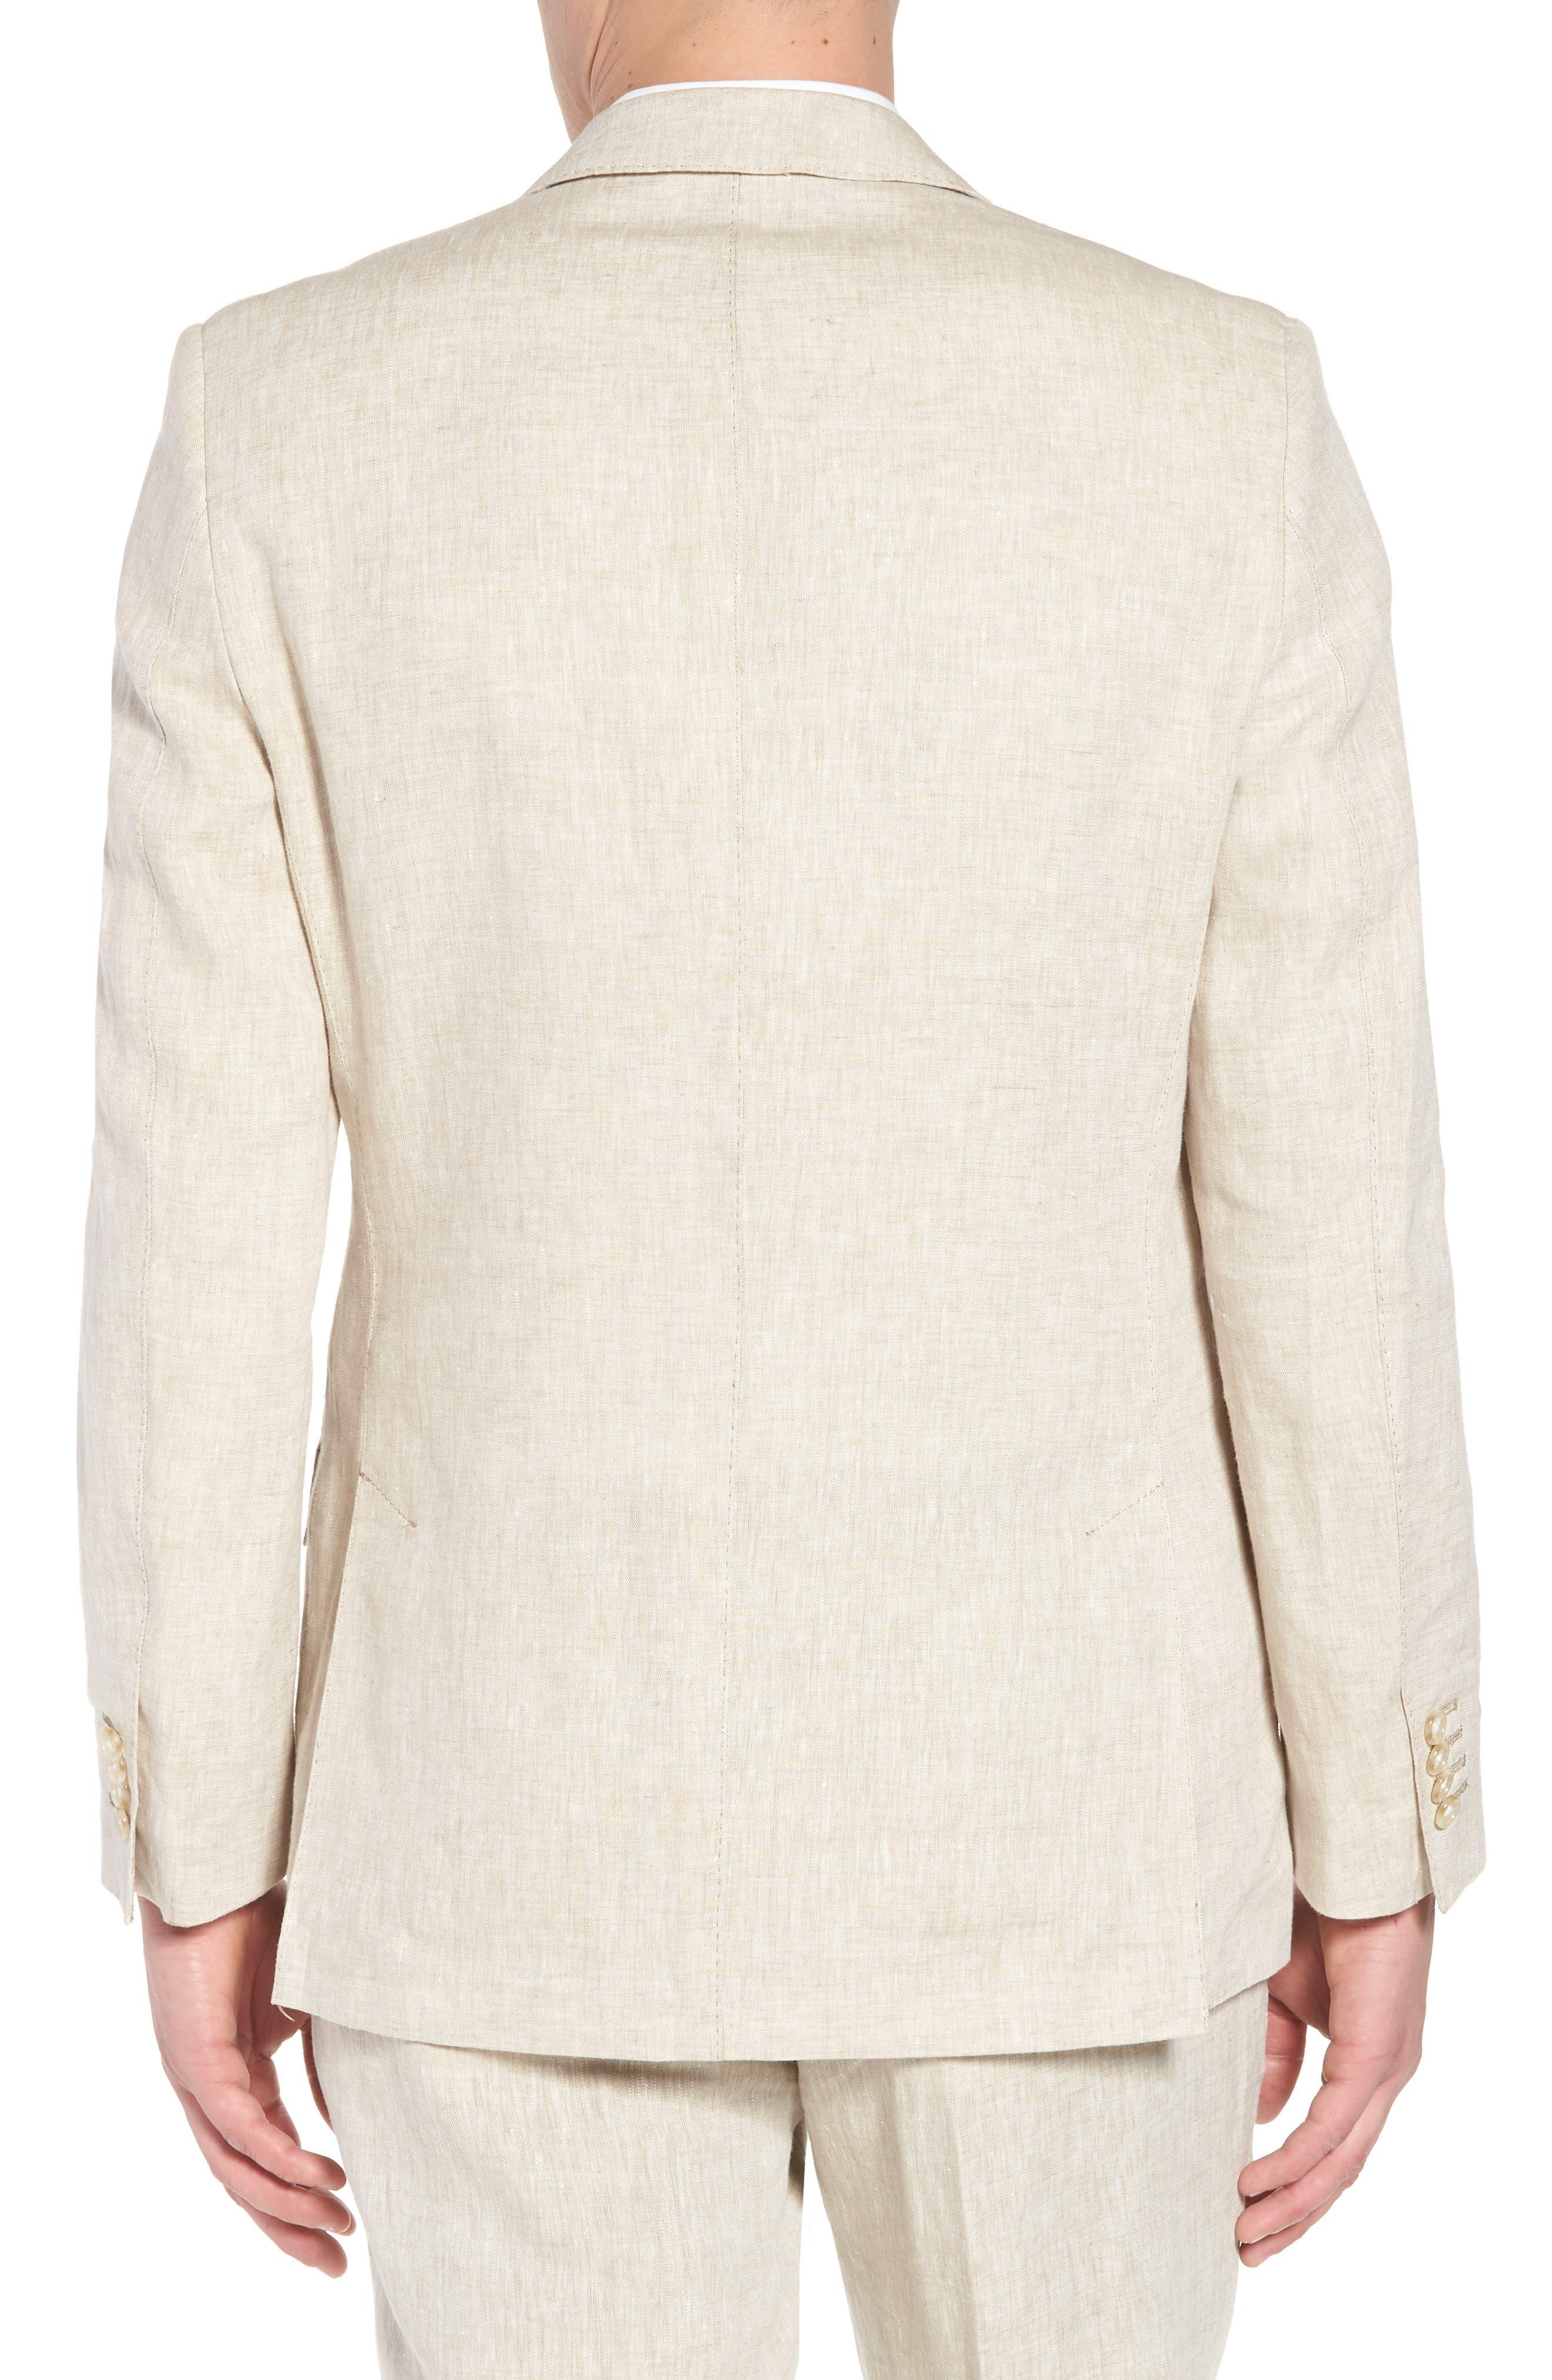 Jack AIM Classic Fit Linen Blazer,                             Alternate thumbnail 2, color,                             Natural